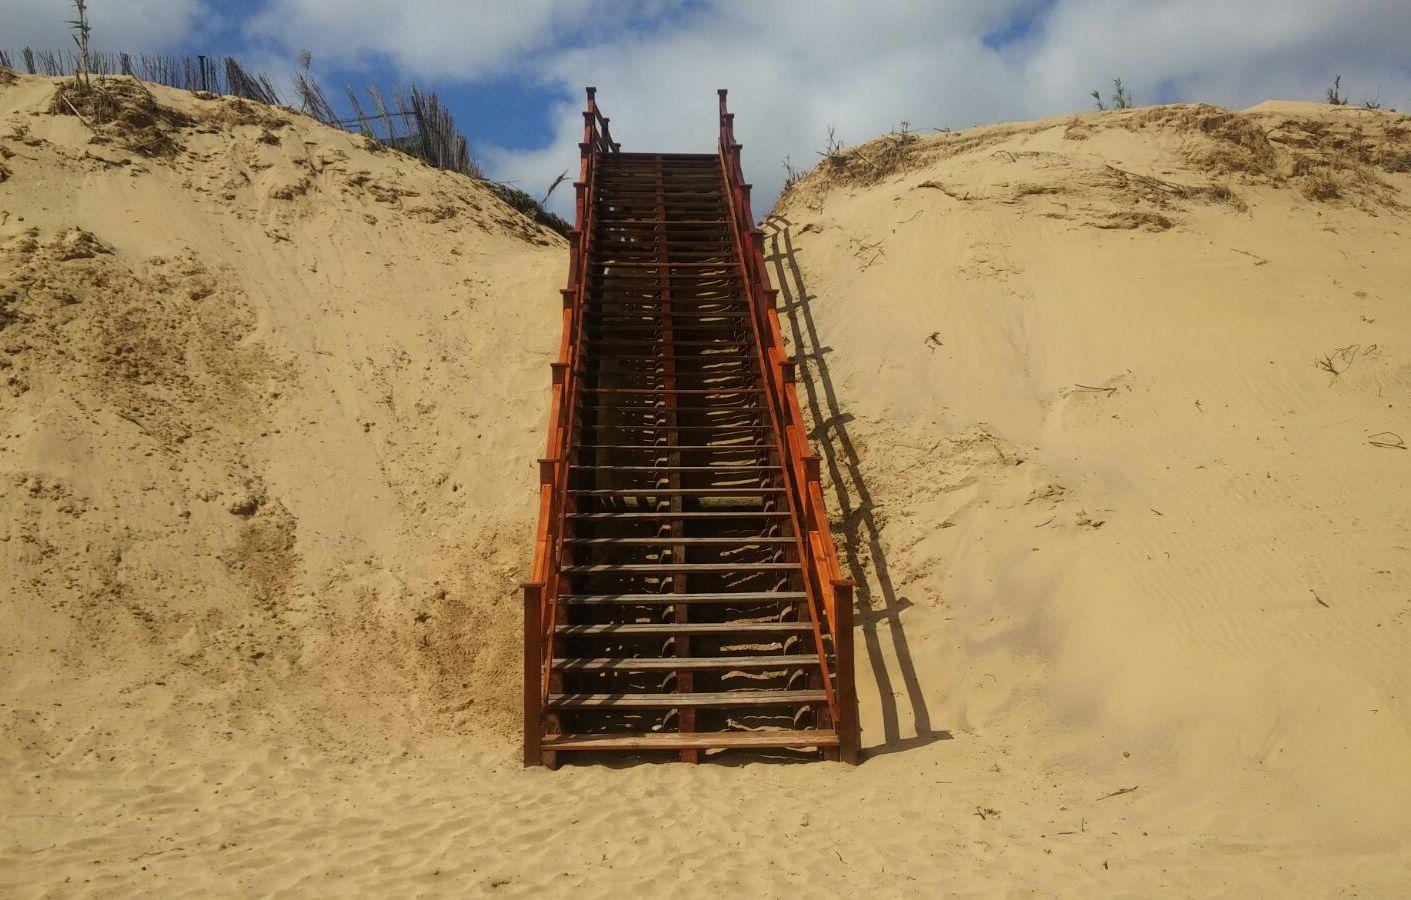 DRAPS recupera passadiços de acesso à praia